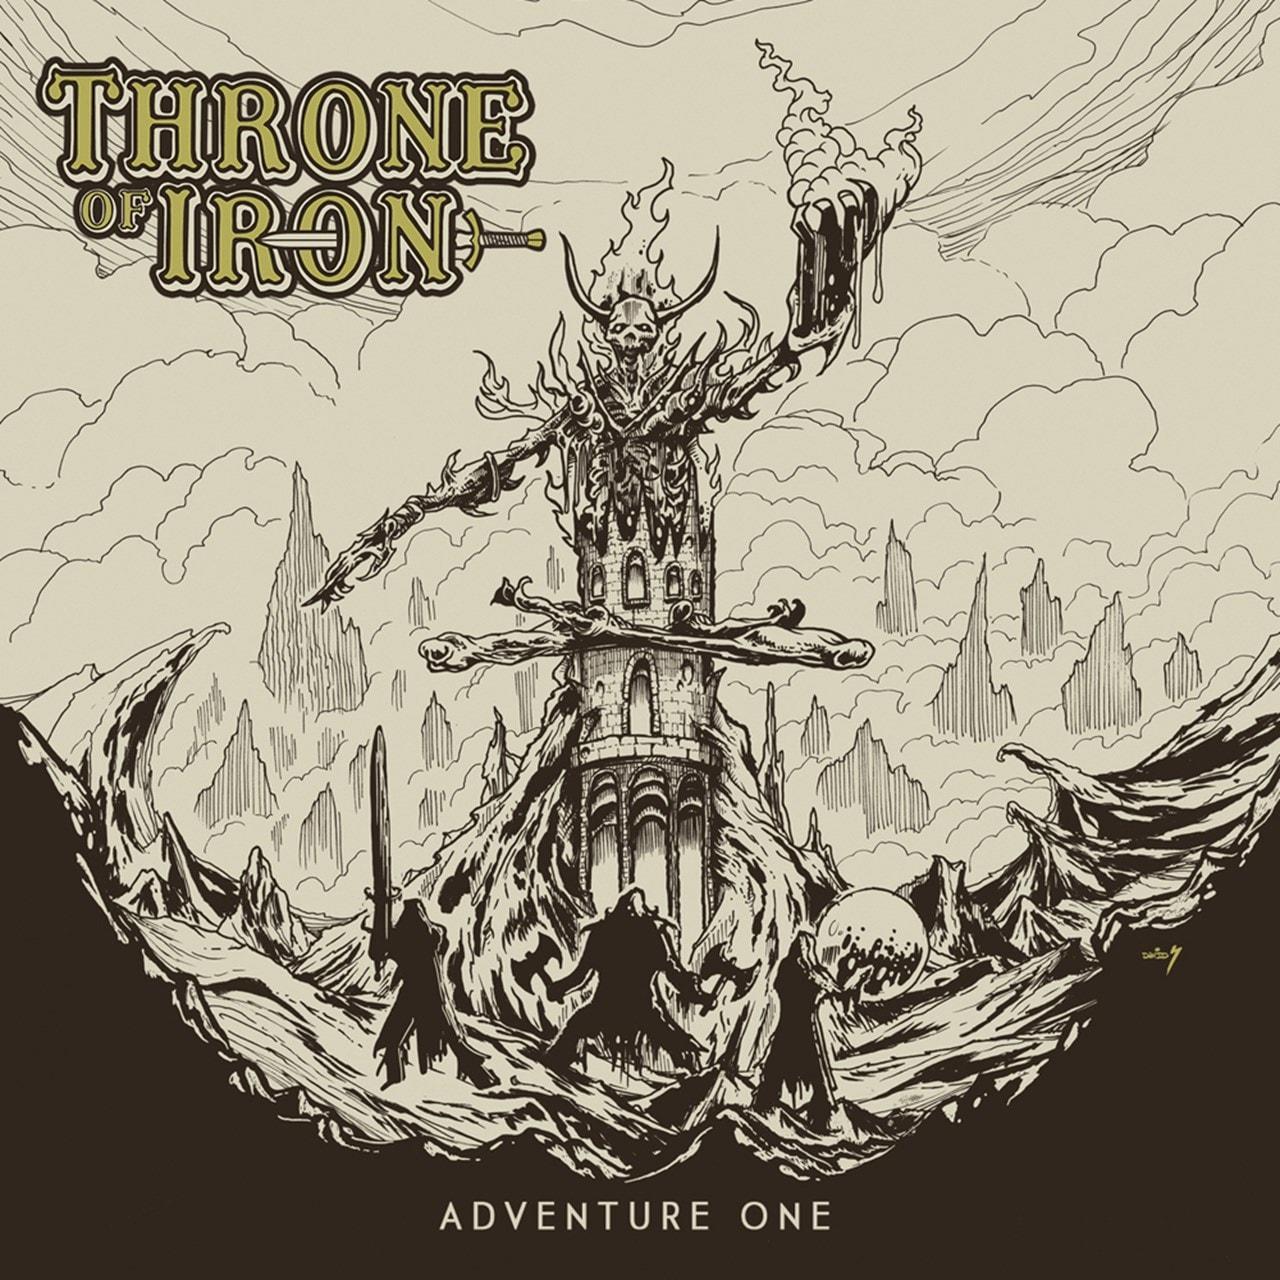 Adventure One - 1